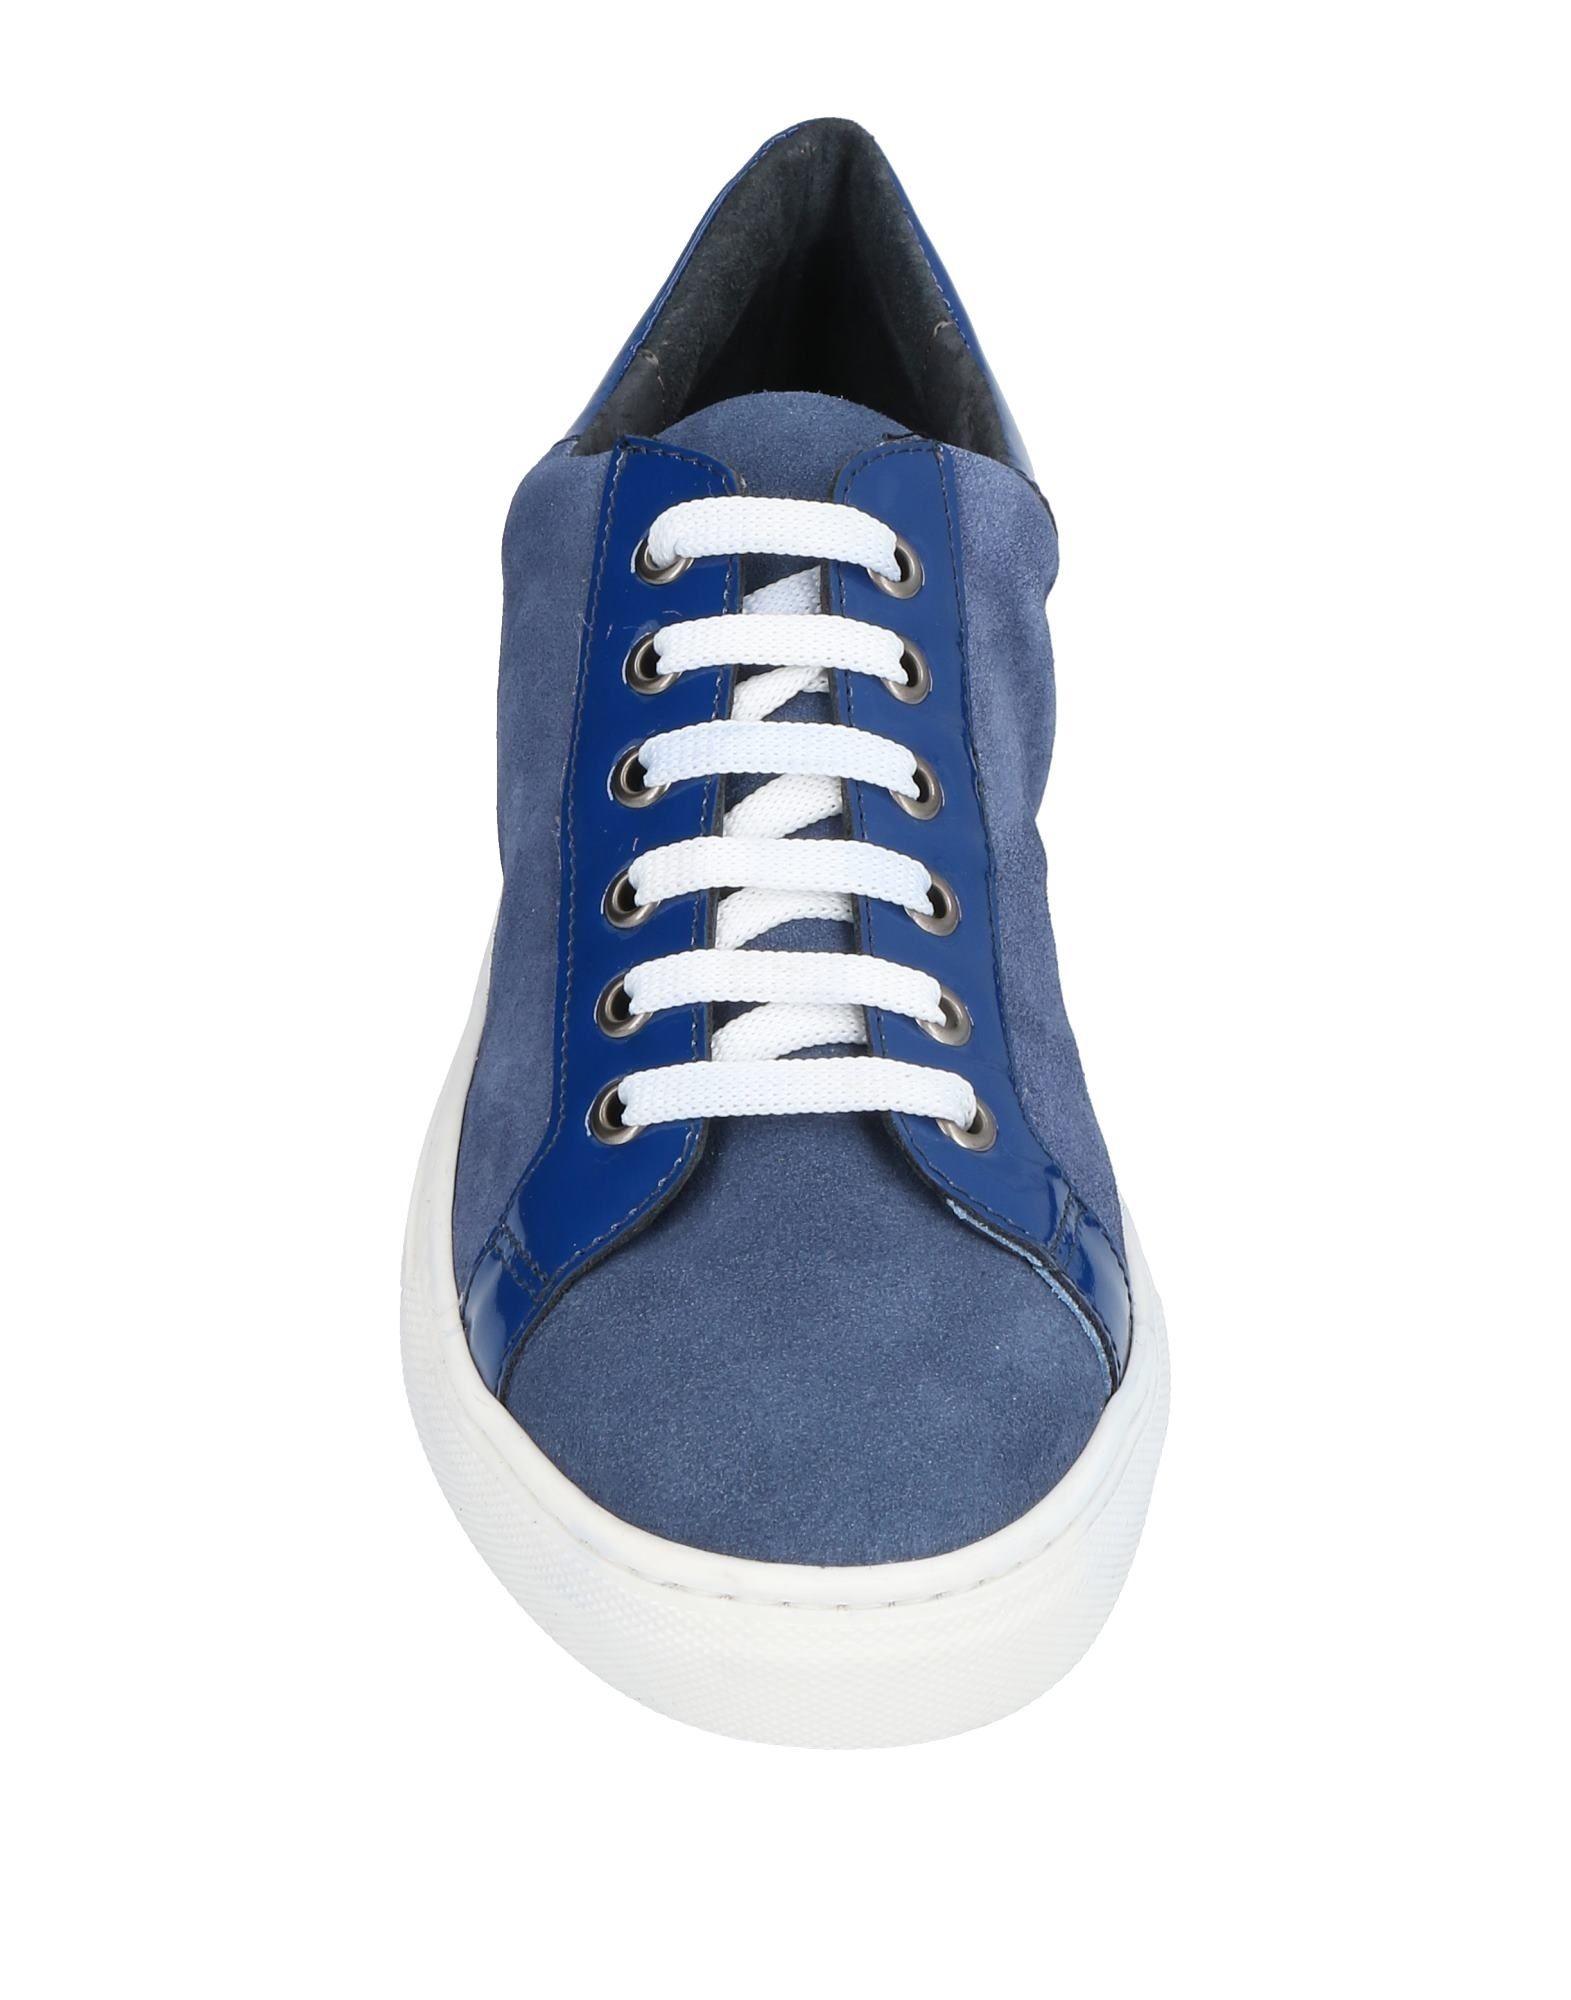 Tsd12 Sneakers Damen Damen Sneakers  11456348QO  7c90bc